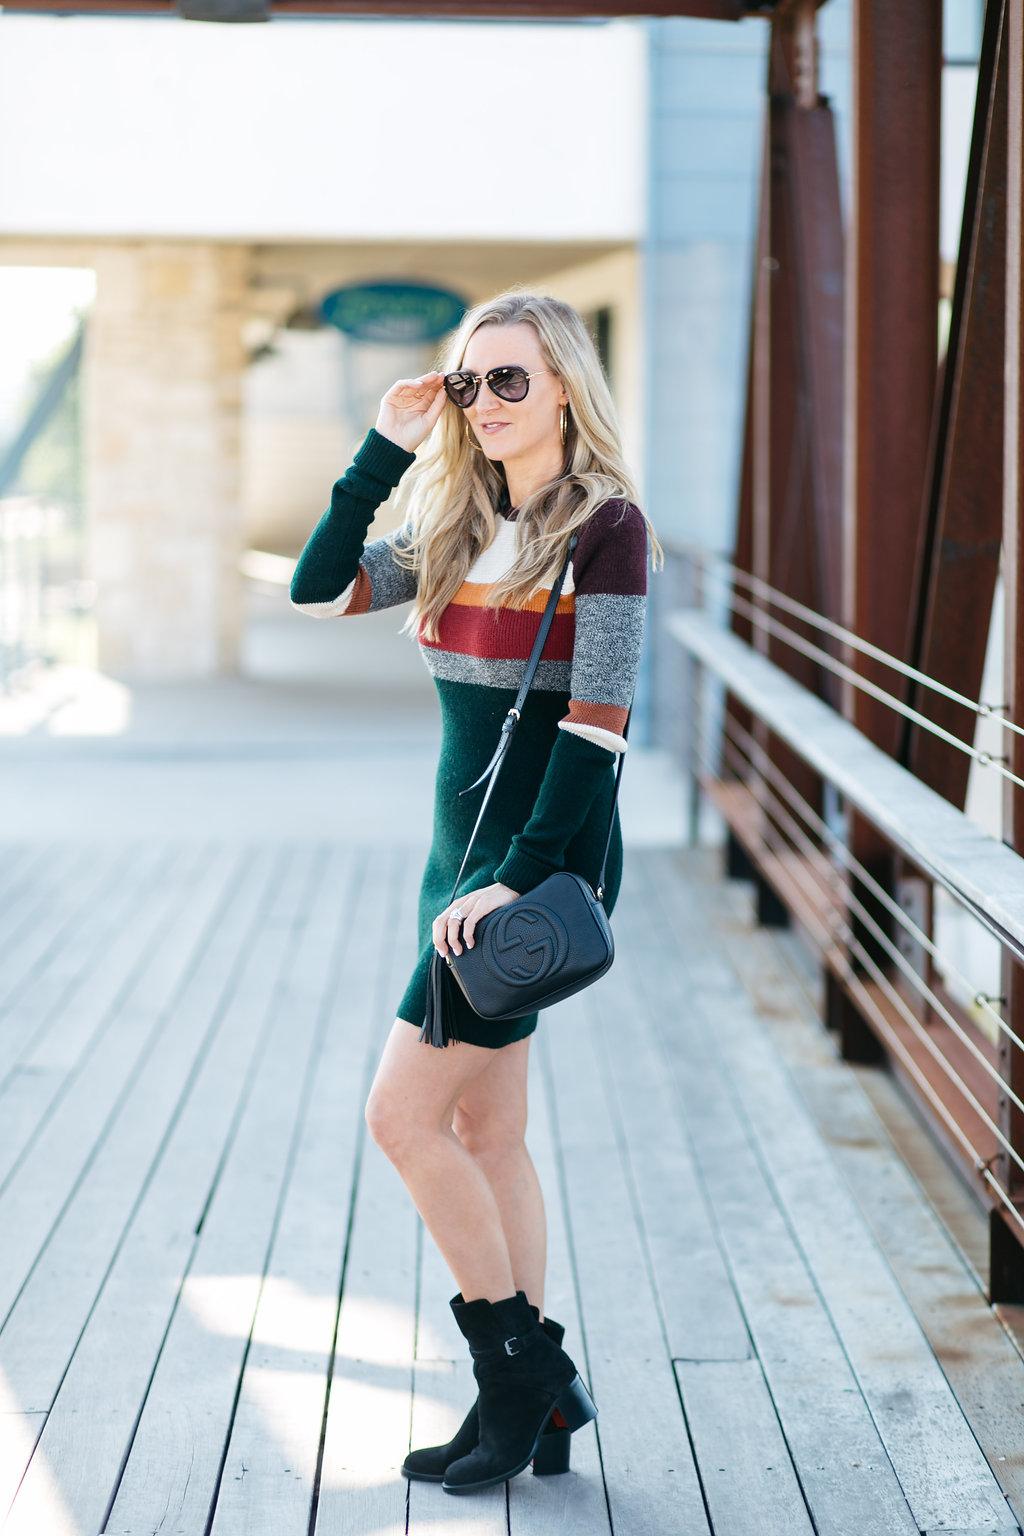 heather-isabel-marent-sweater-dress-miu-miu